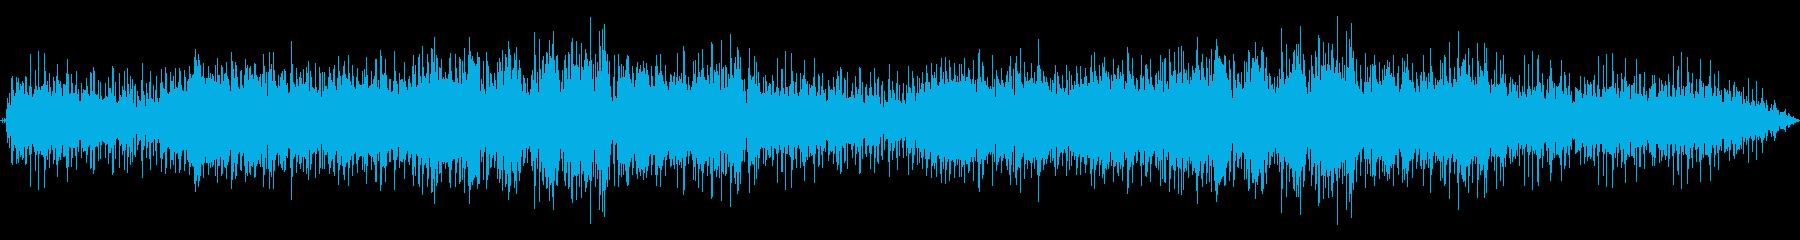 穏やかで少し切ない感じのインストポップの再生済みの波形